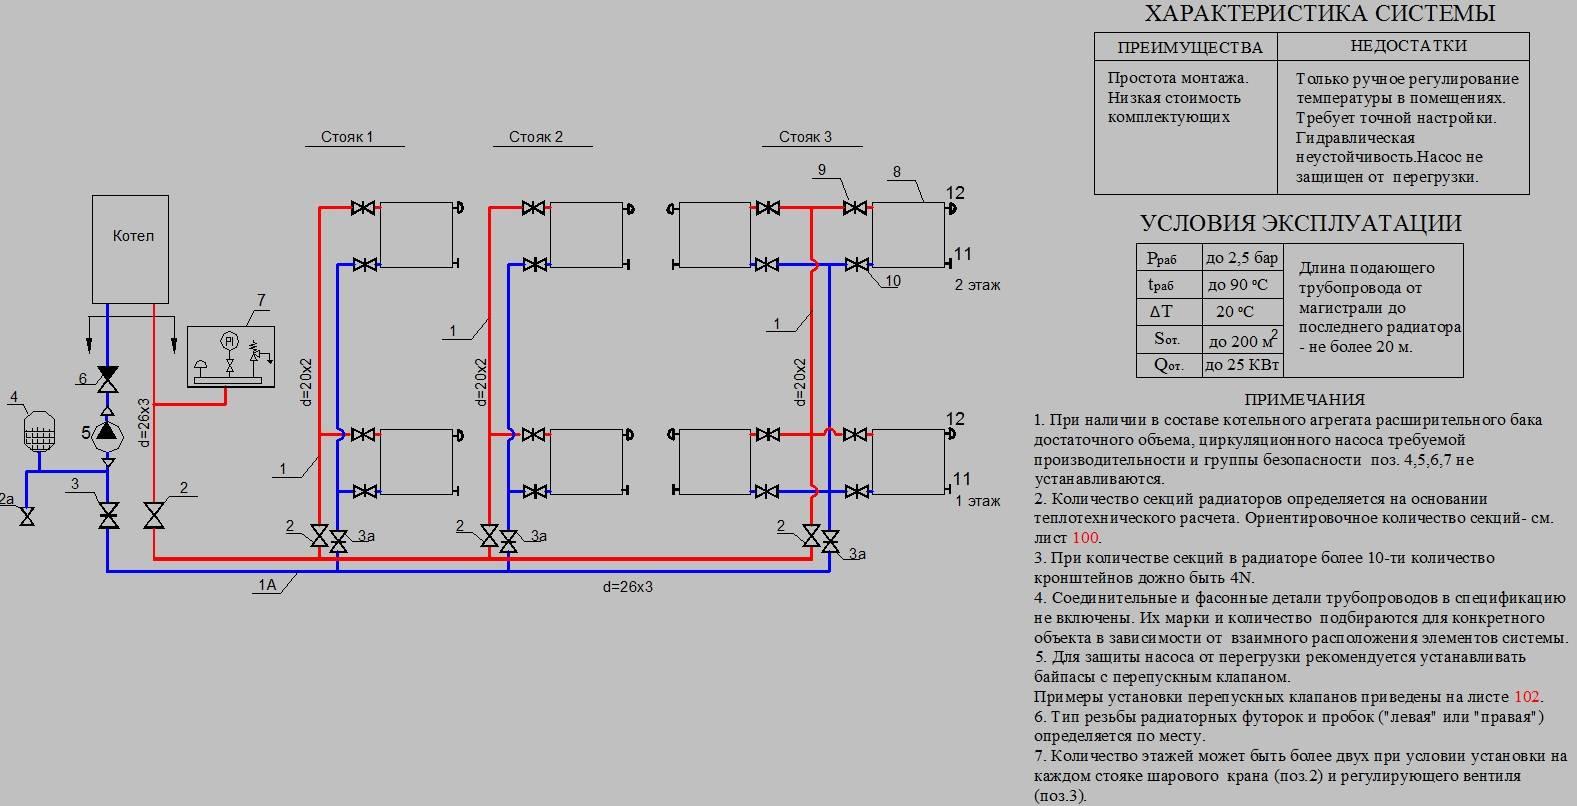 Нормативы должен знать каждый: параметры теплоносителя системы отопления многоквартирного дома